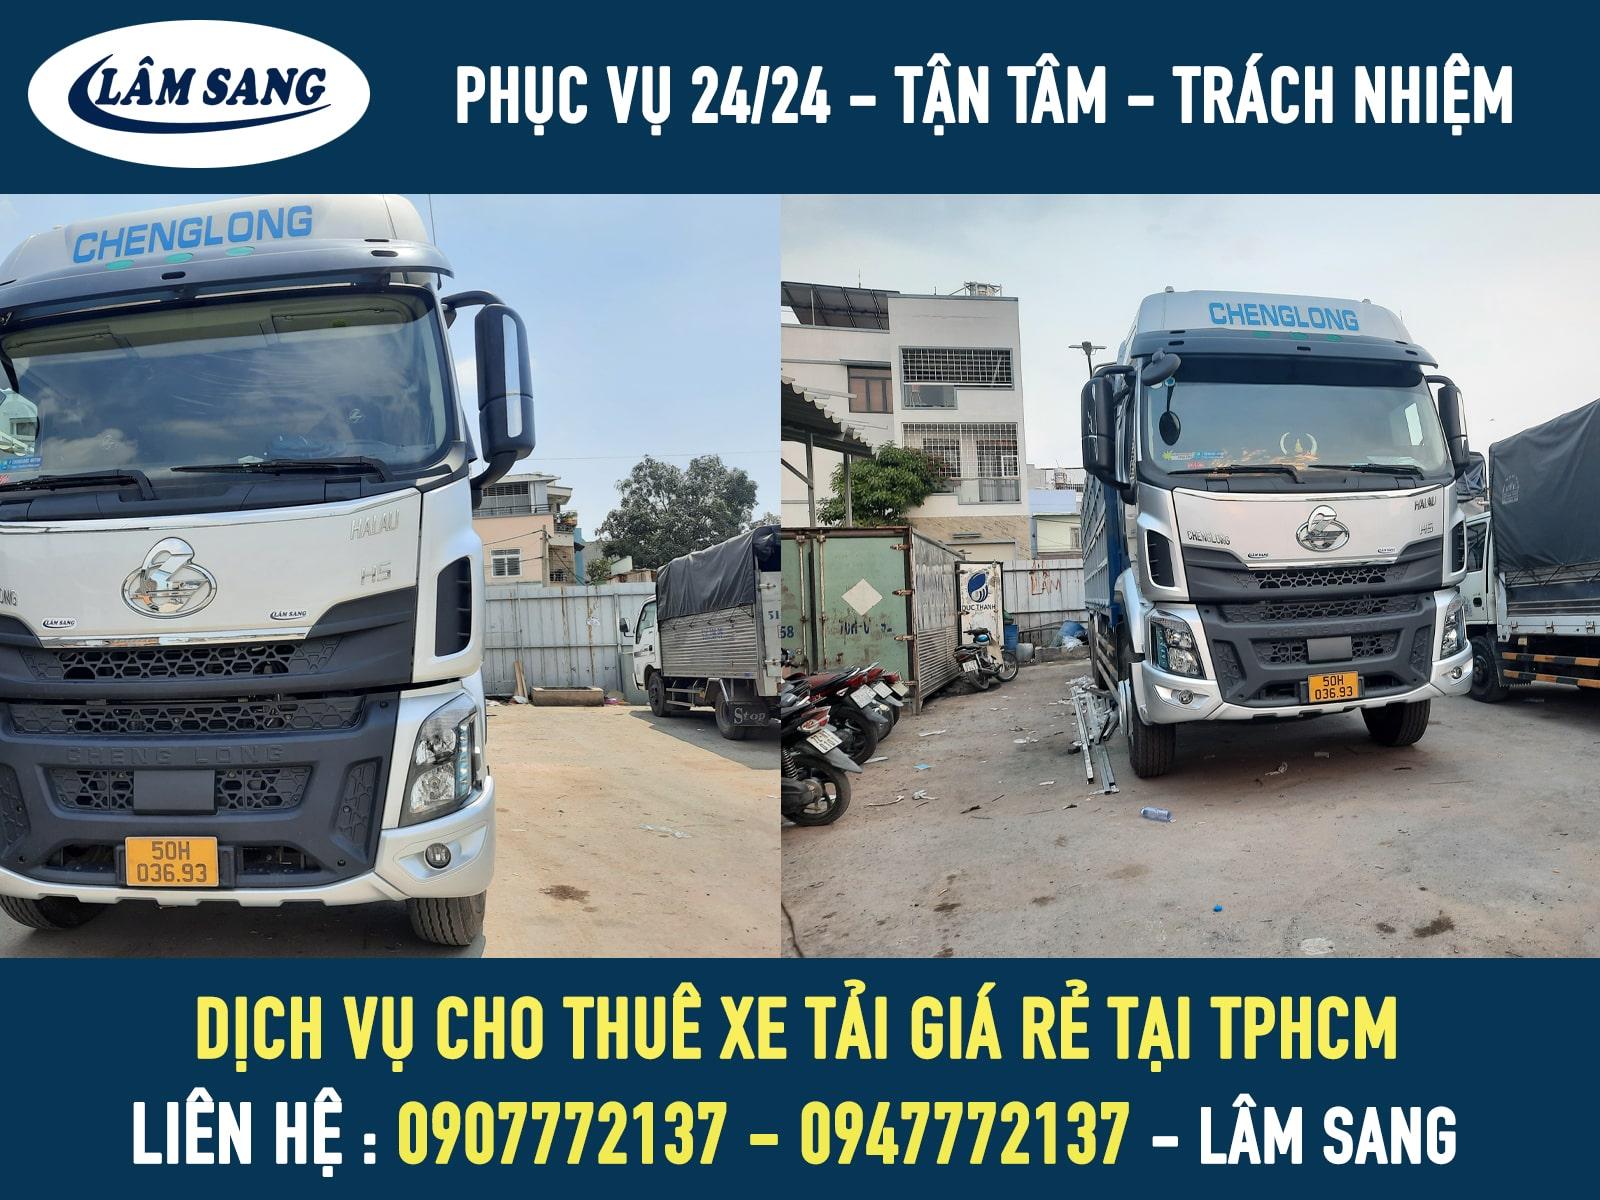 Dịch vụ cho thuê xe tải giá rẻ tại tphcm